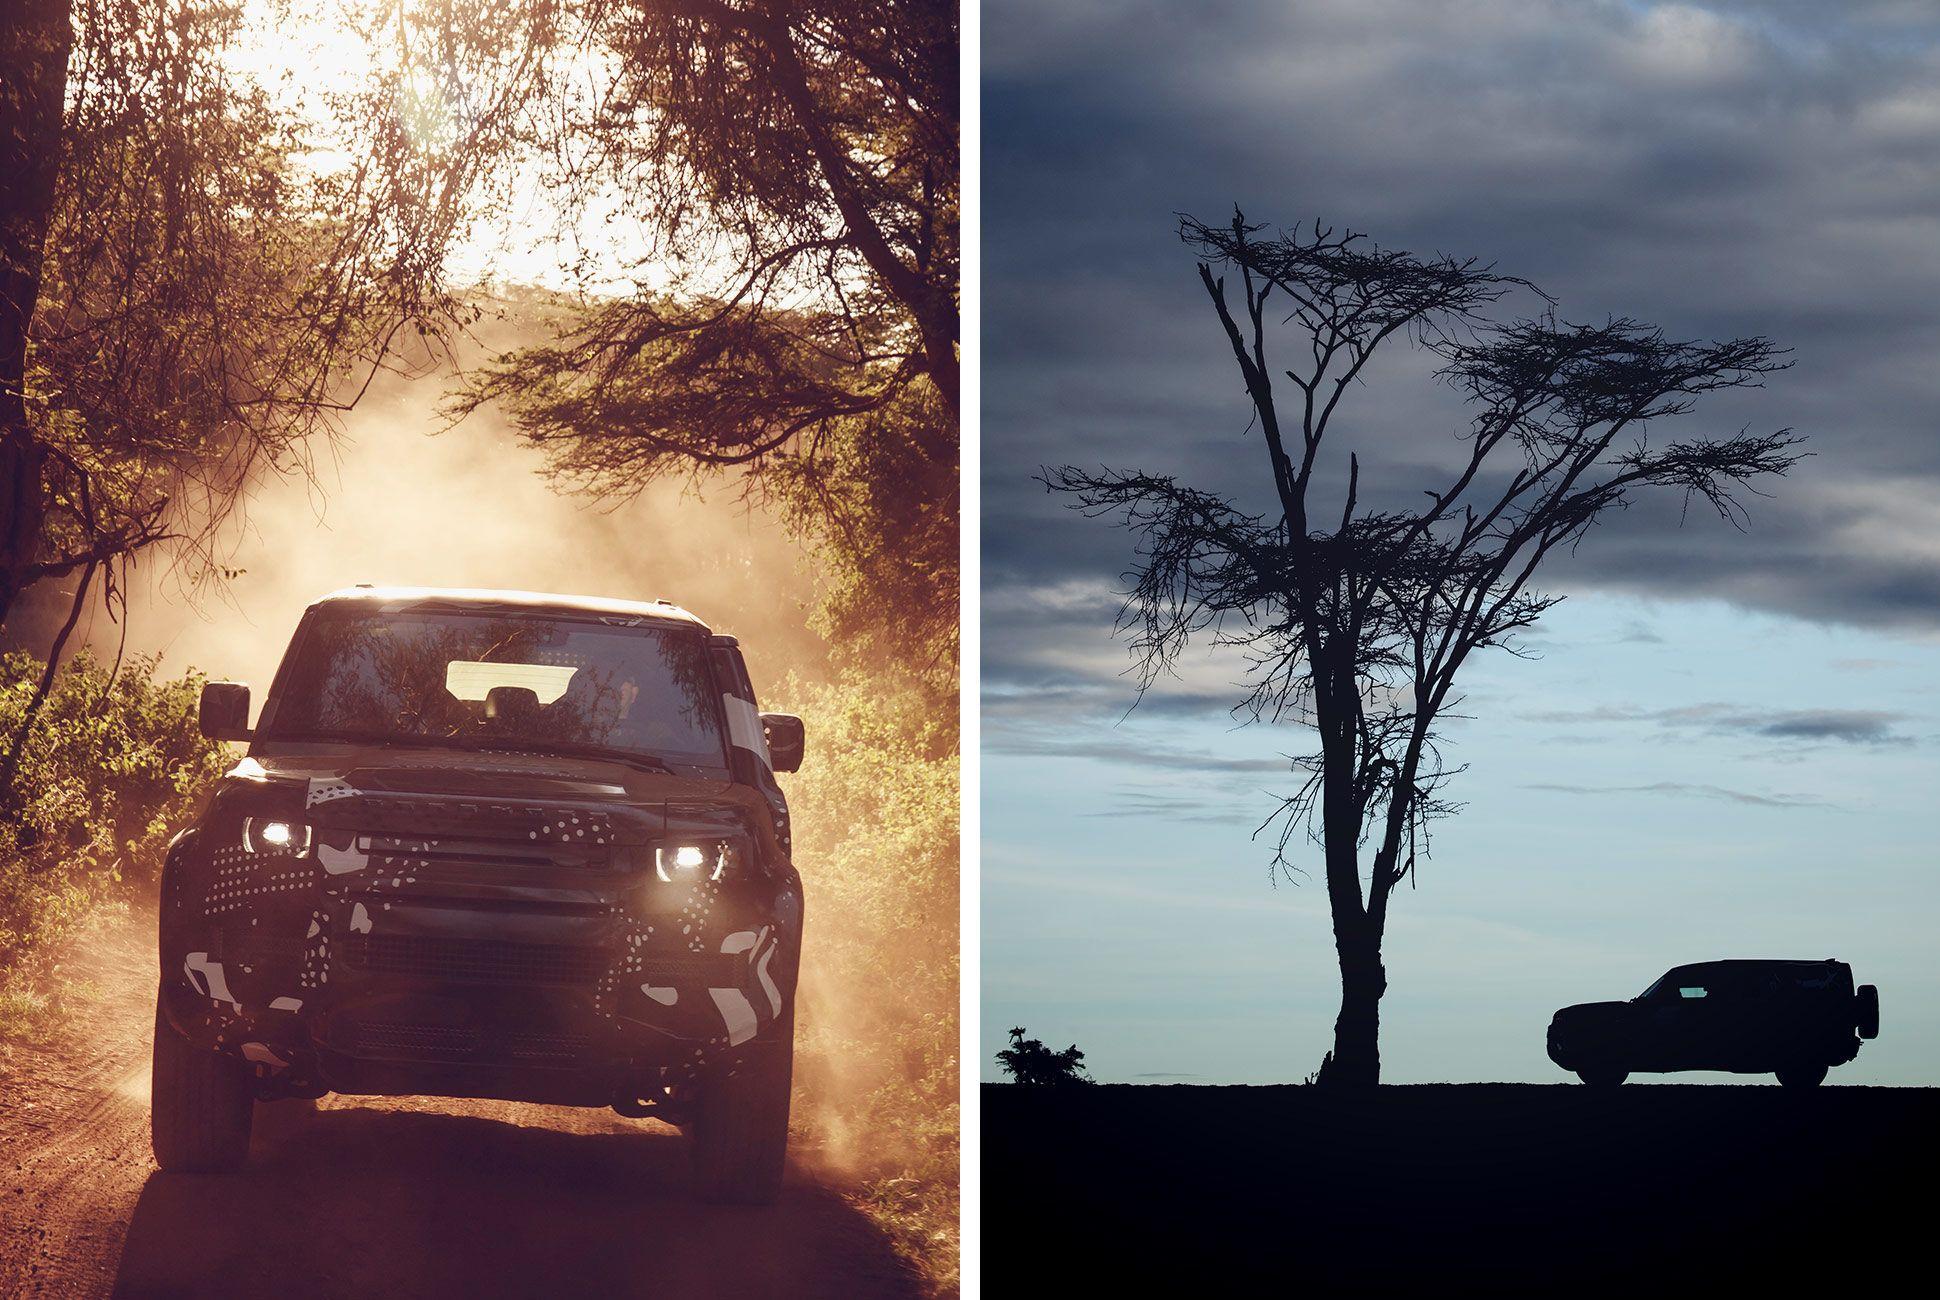 Land-Rover-Defender-Africa-Testing-gear-patrol-slide-3